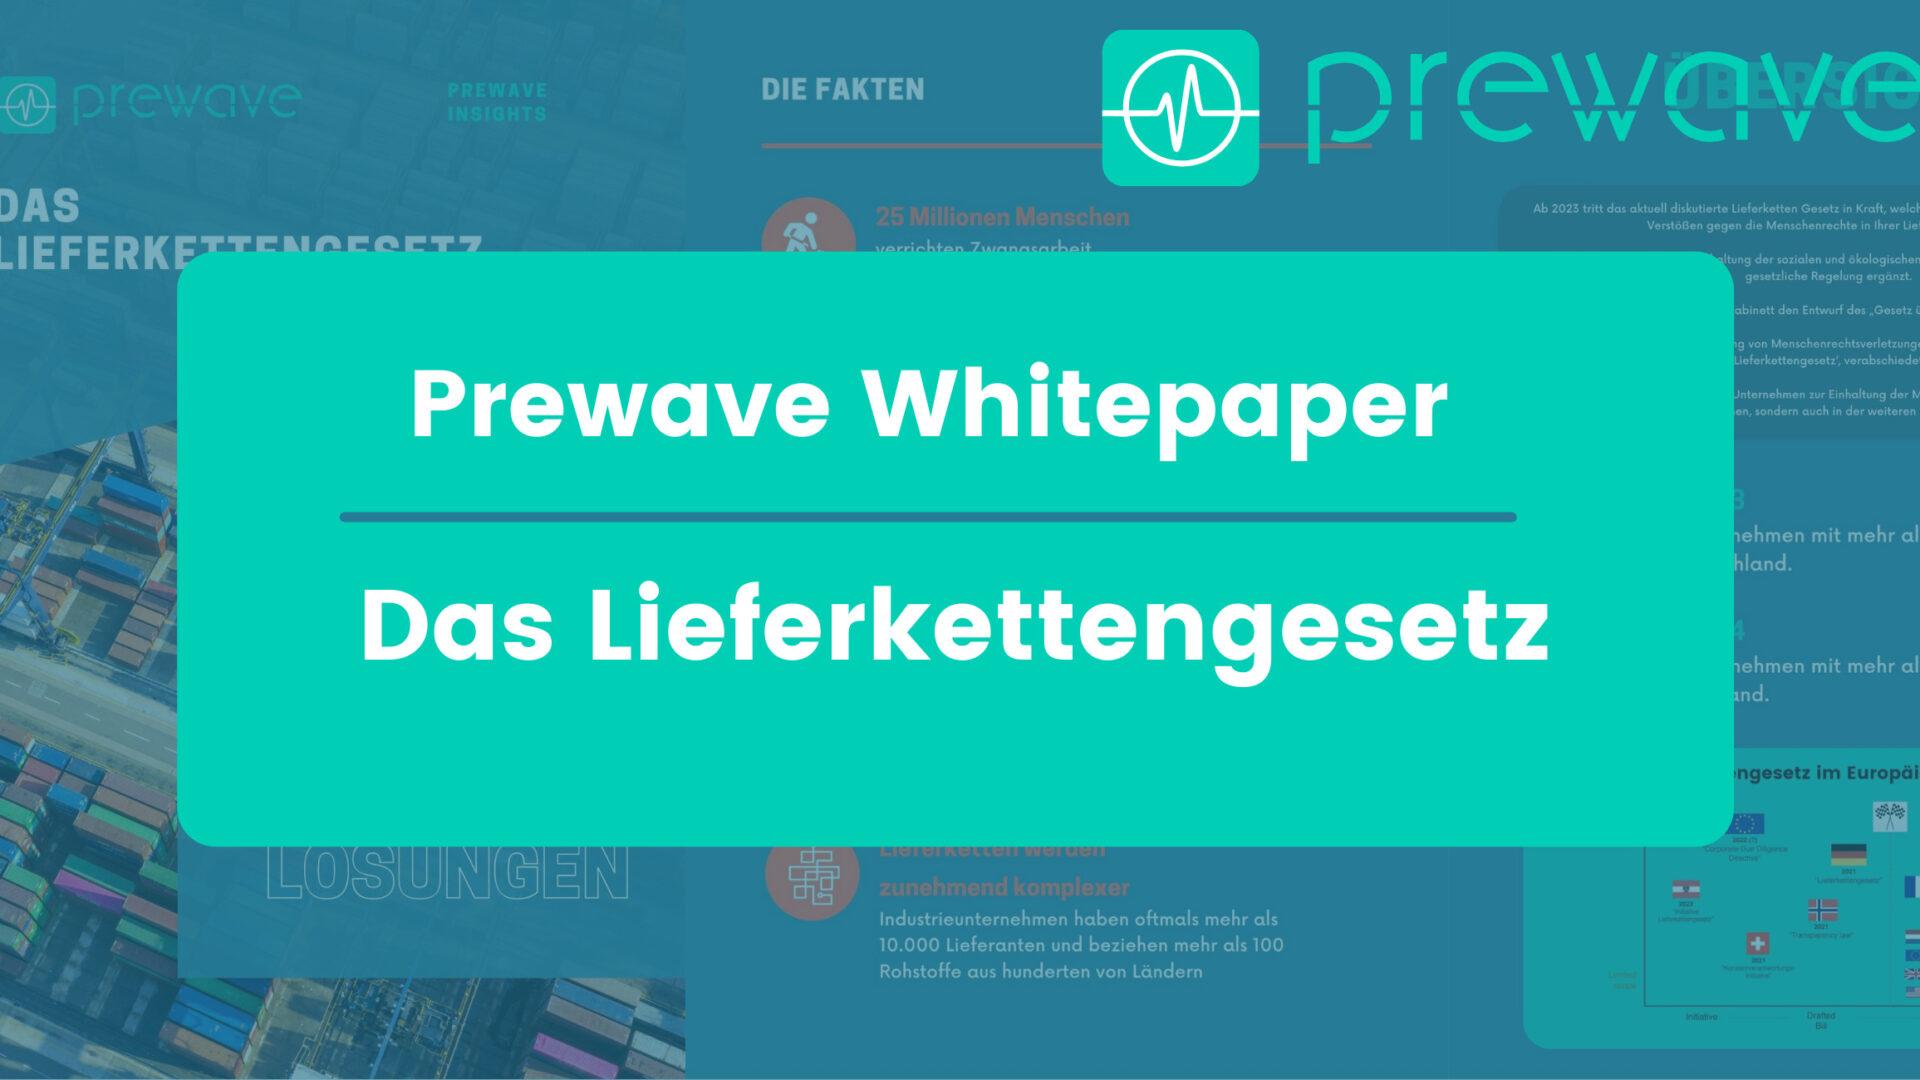 Prewave Whitepaper Trailer (1)